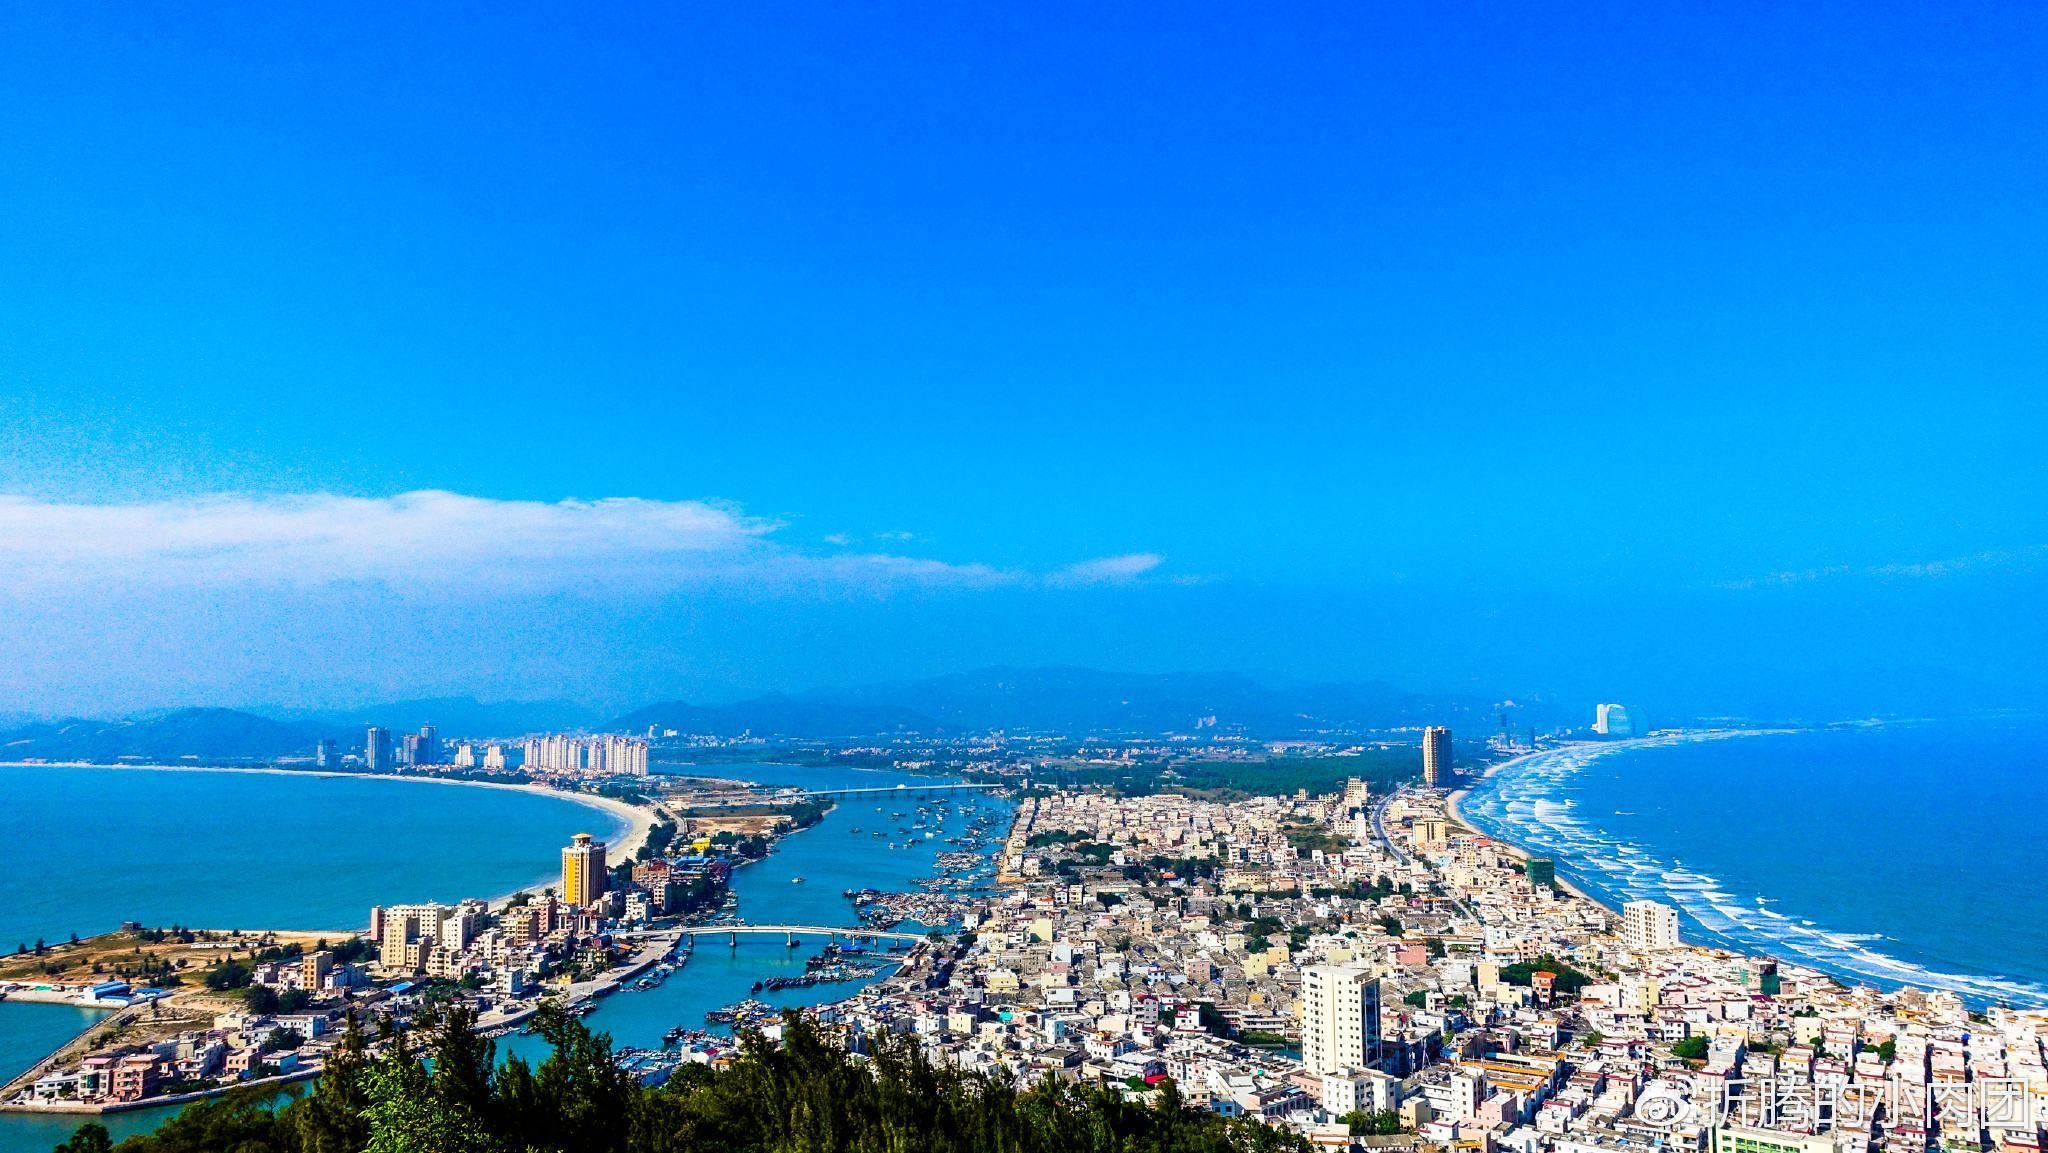 【惠州】7个月平日周末不加价,188元秒杀双月湾海景/侧海2房1厅,可住4大2小!